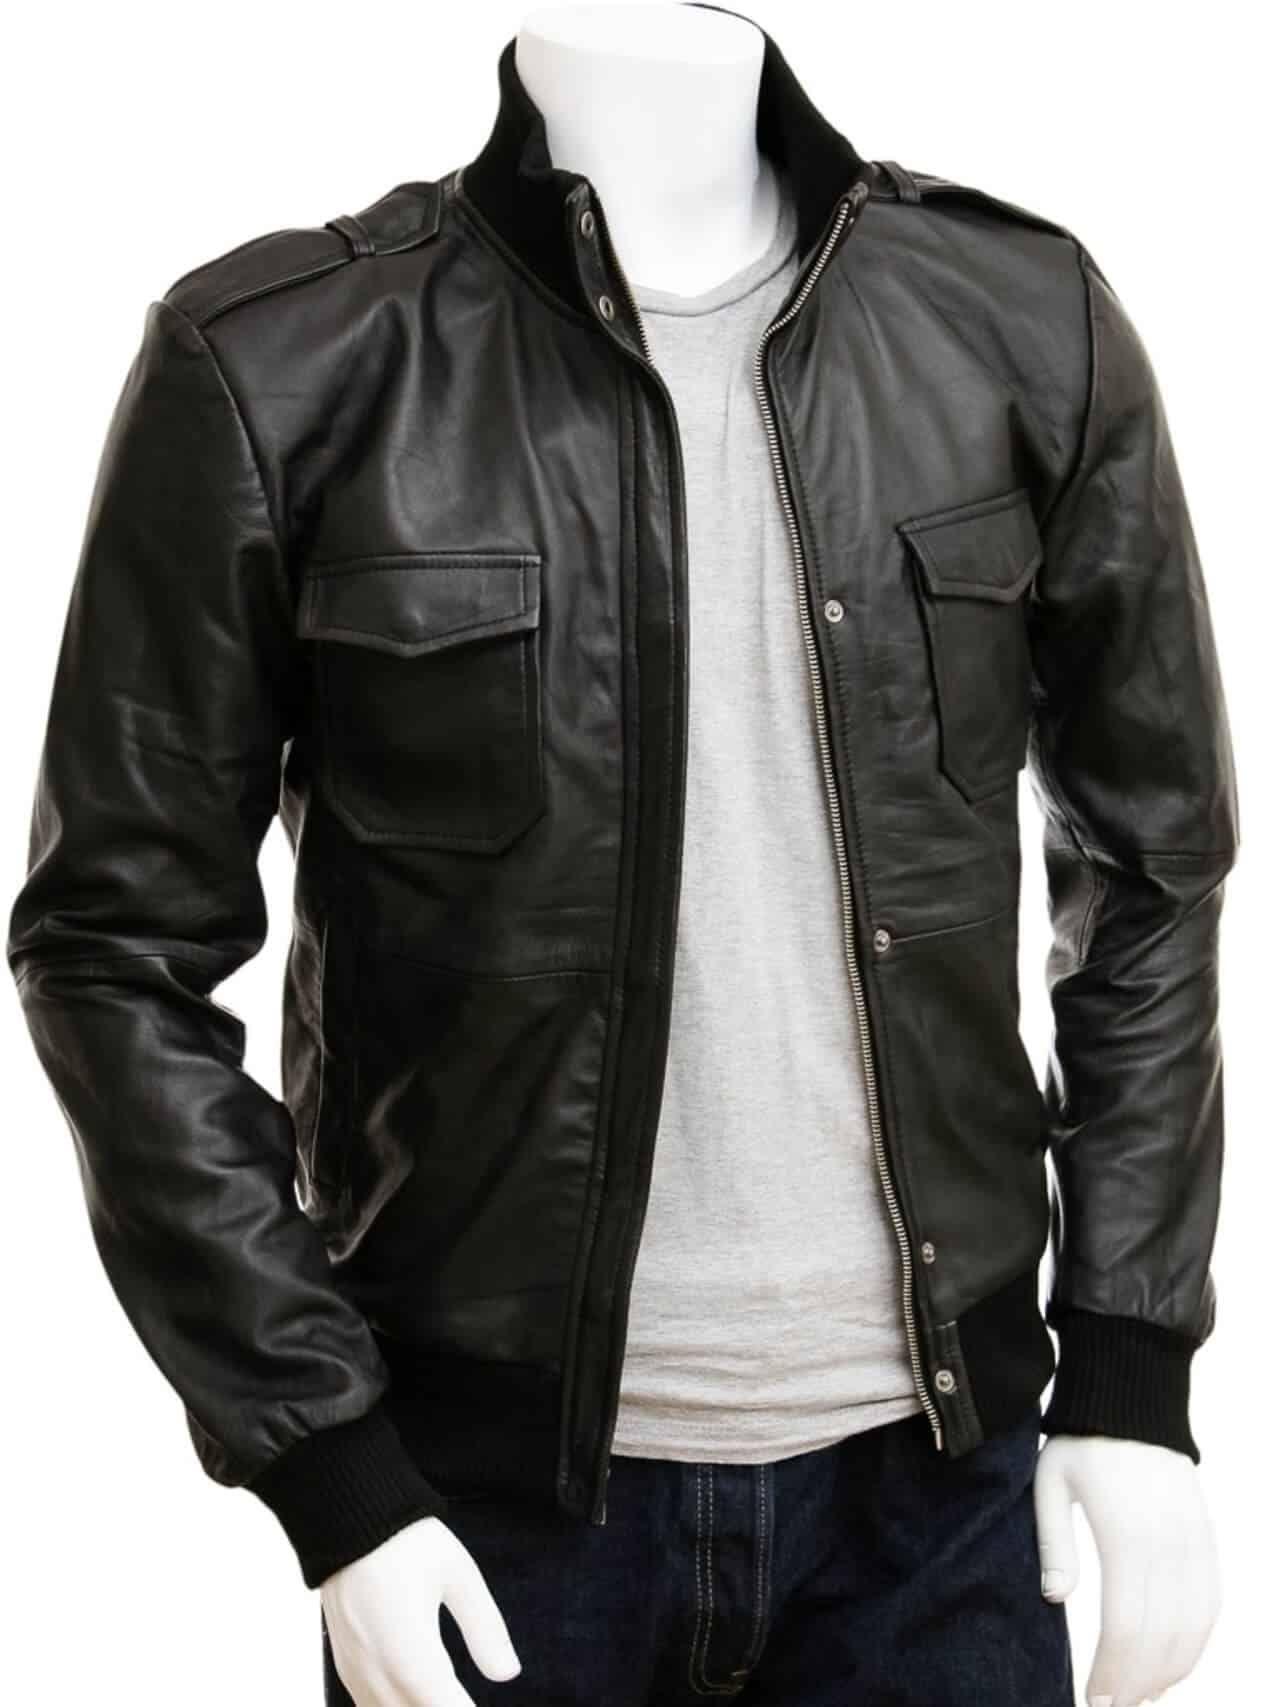 Konveksi Jaket Motor Bandung Menggunakan Jenis Bahan Ini Jaket Kulit Jaket Jaket Kulit Pria